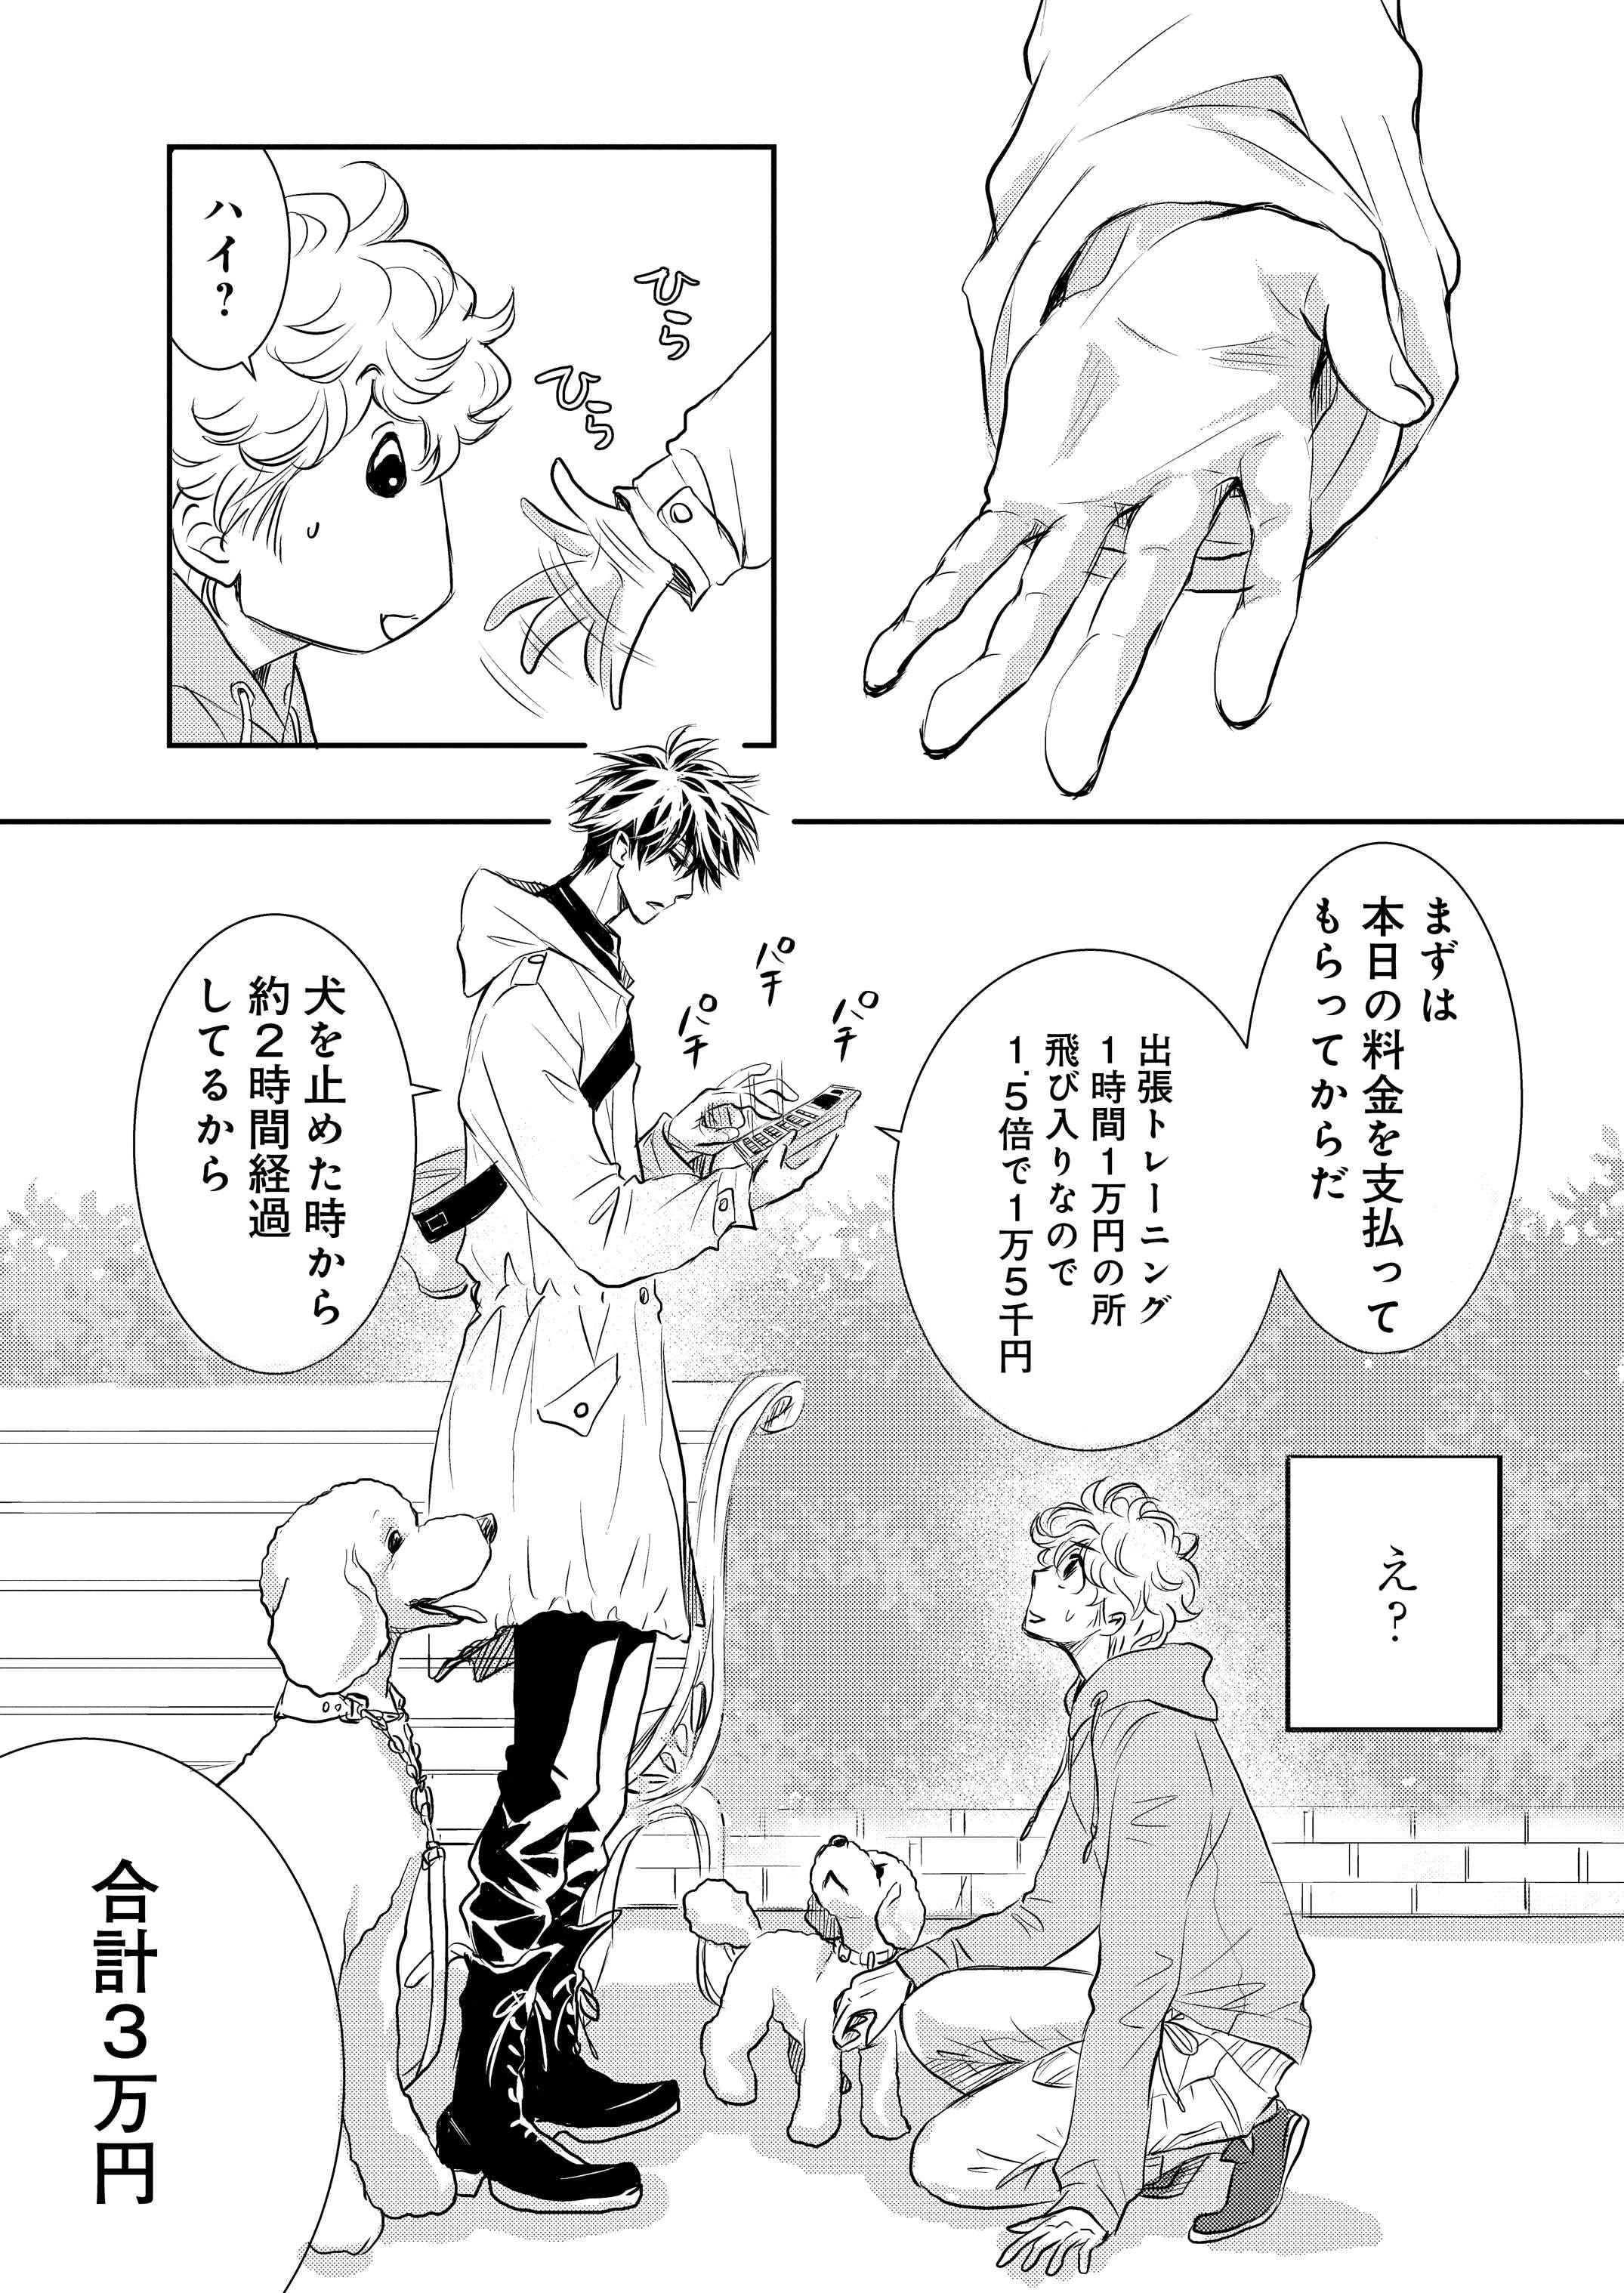 【新連載】『DOG SIGNAL』1話目③ 10ページ目